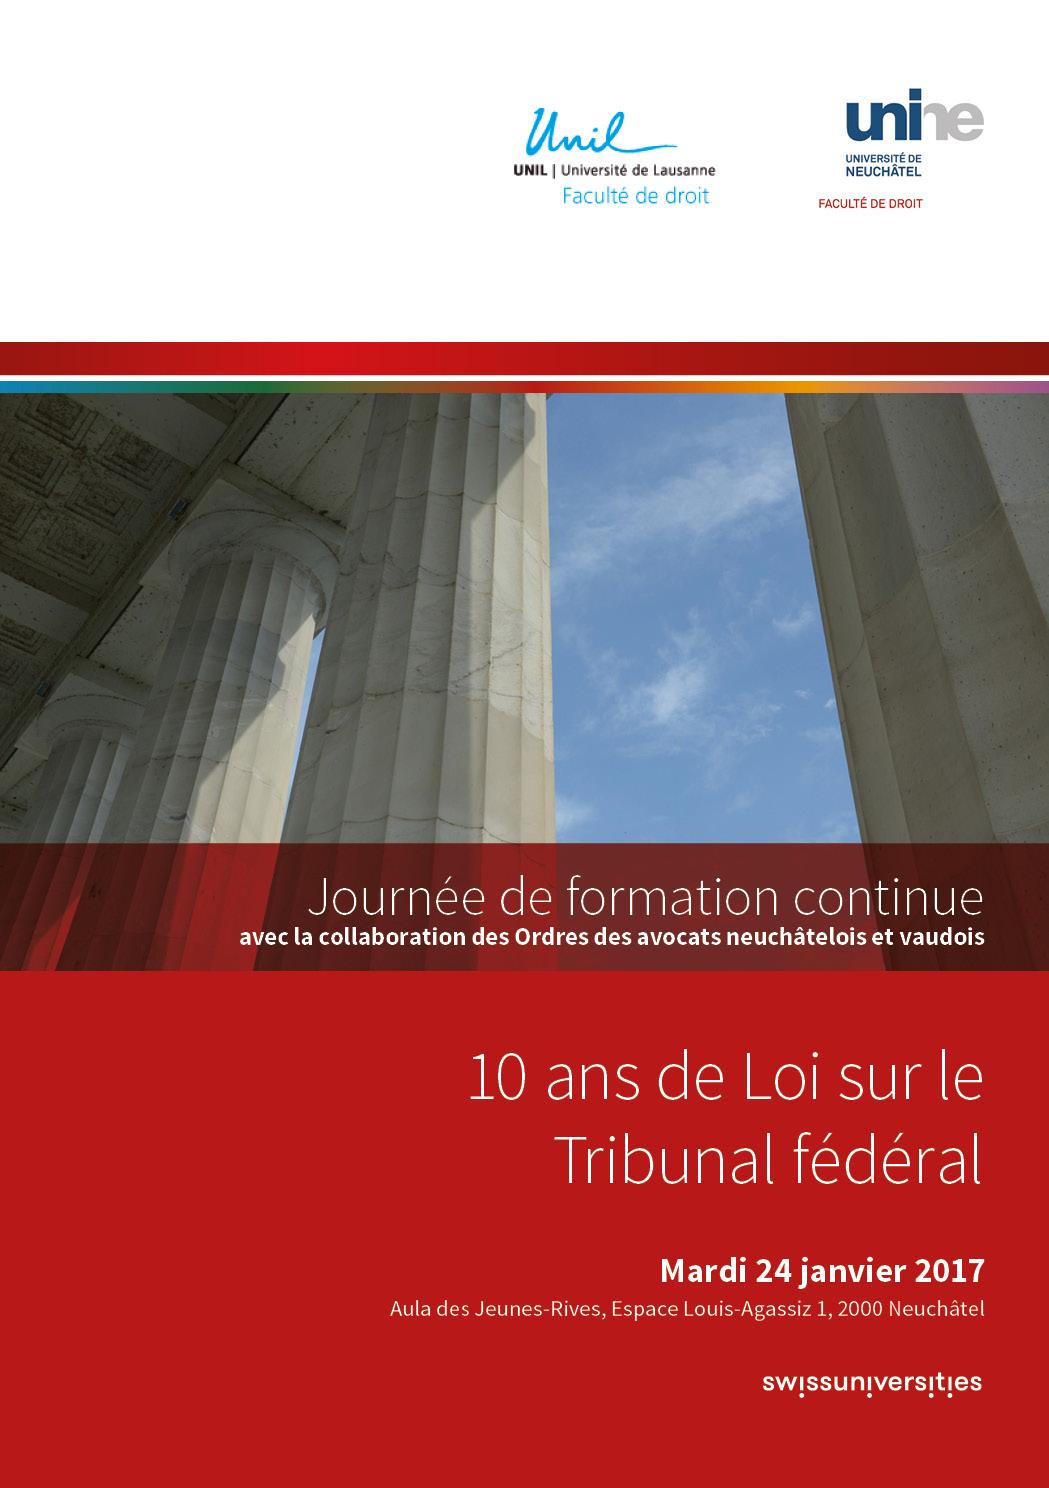 10 ans de Loi sur le Tribunal fédéral